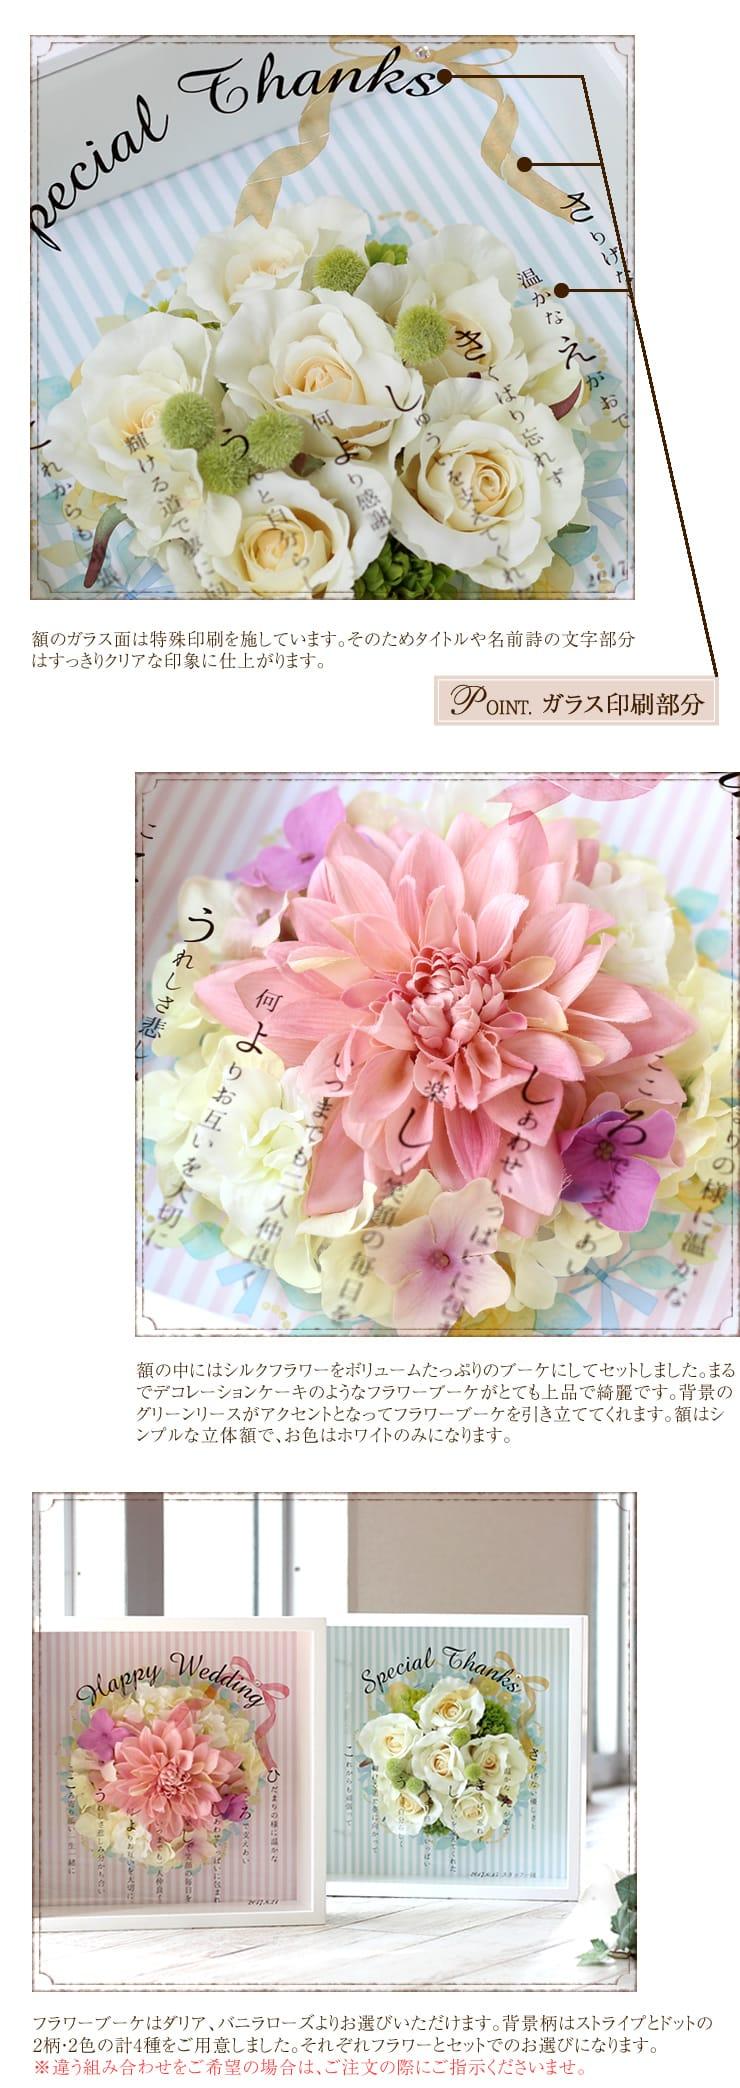 フラワーケーキ 〜ネームポエム〜 ポイント1